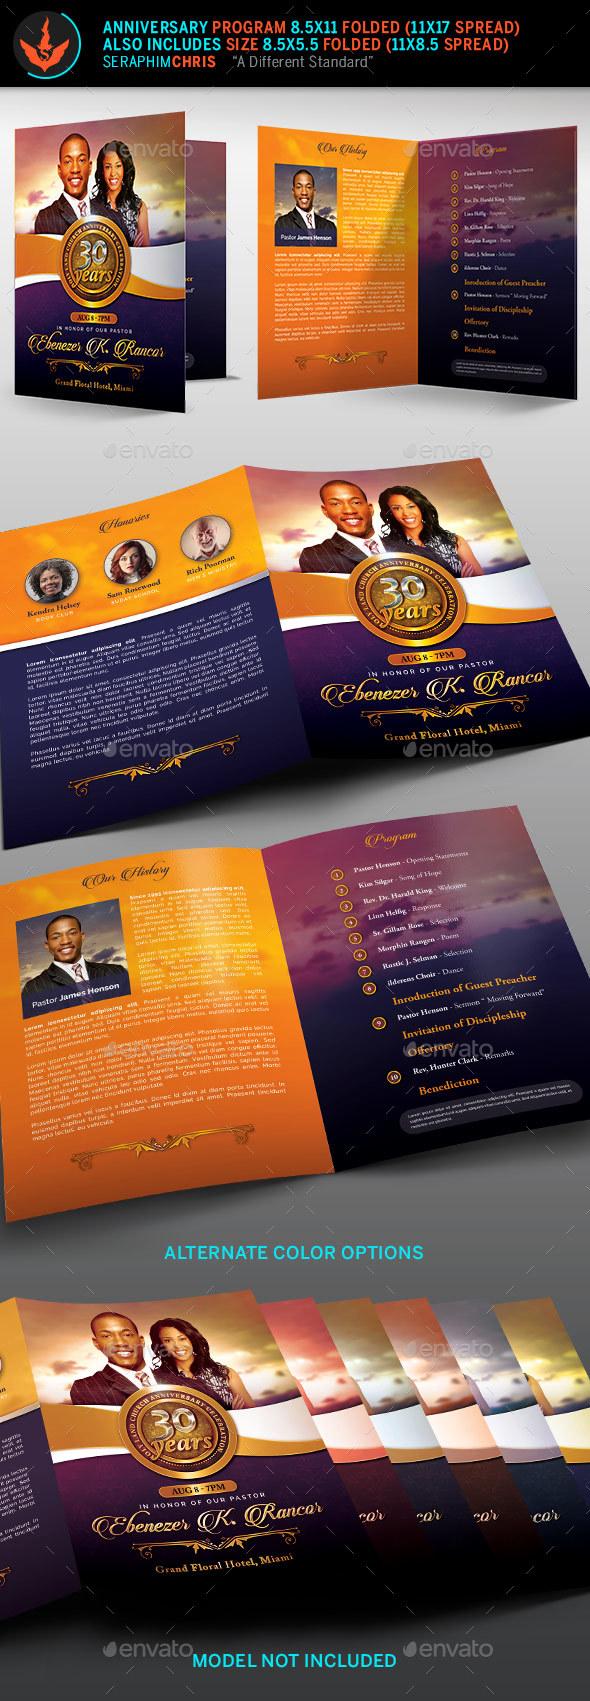 souvenir booklet template download